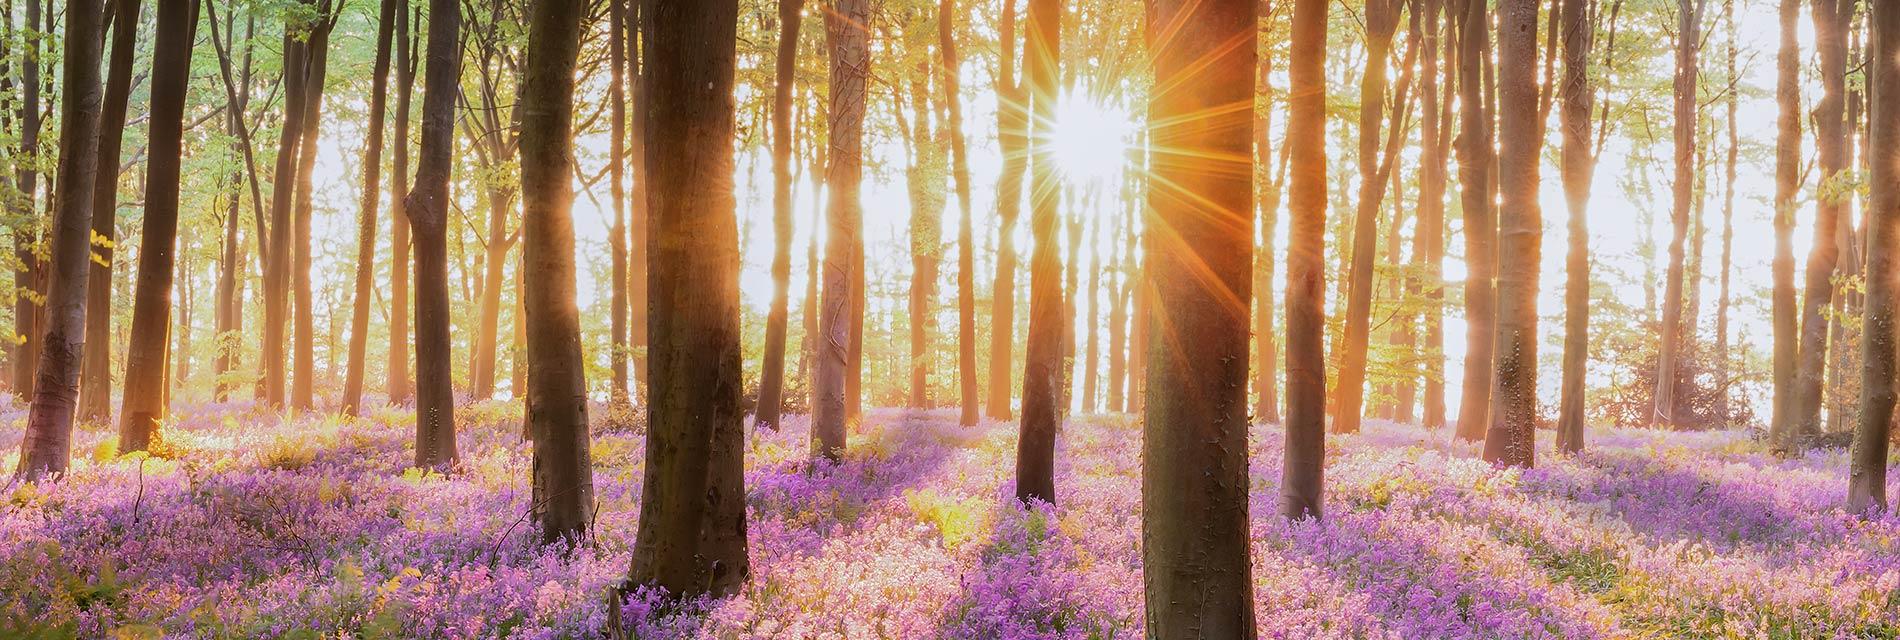 sunrise in woods